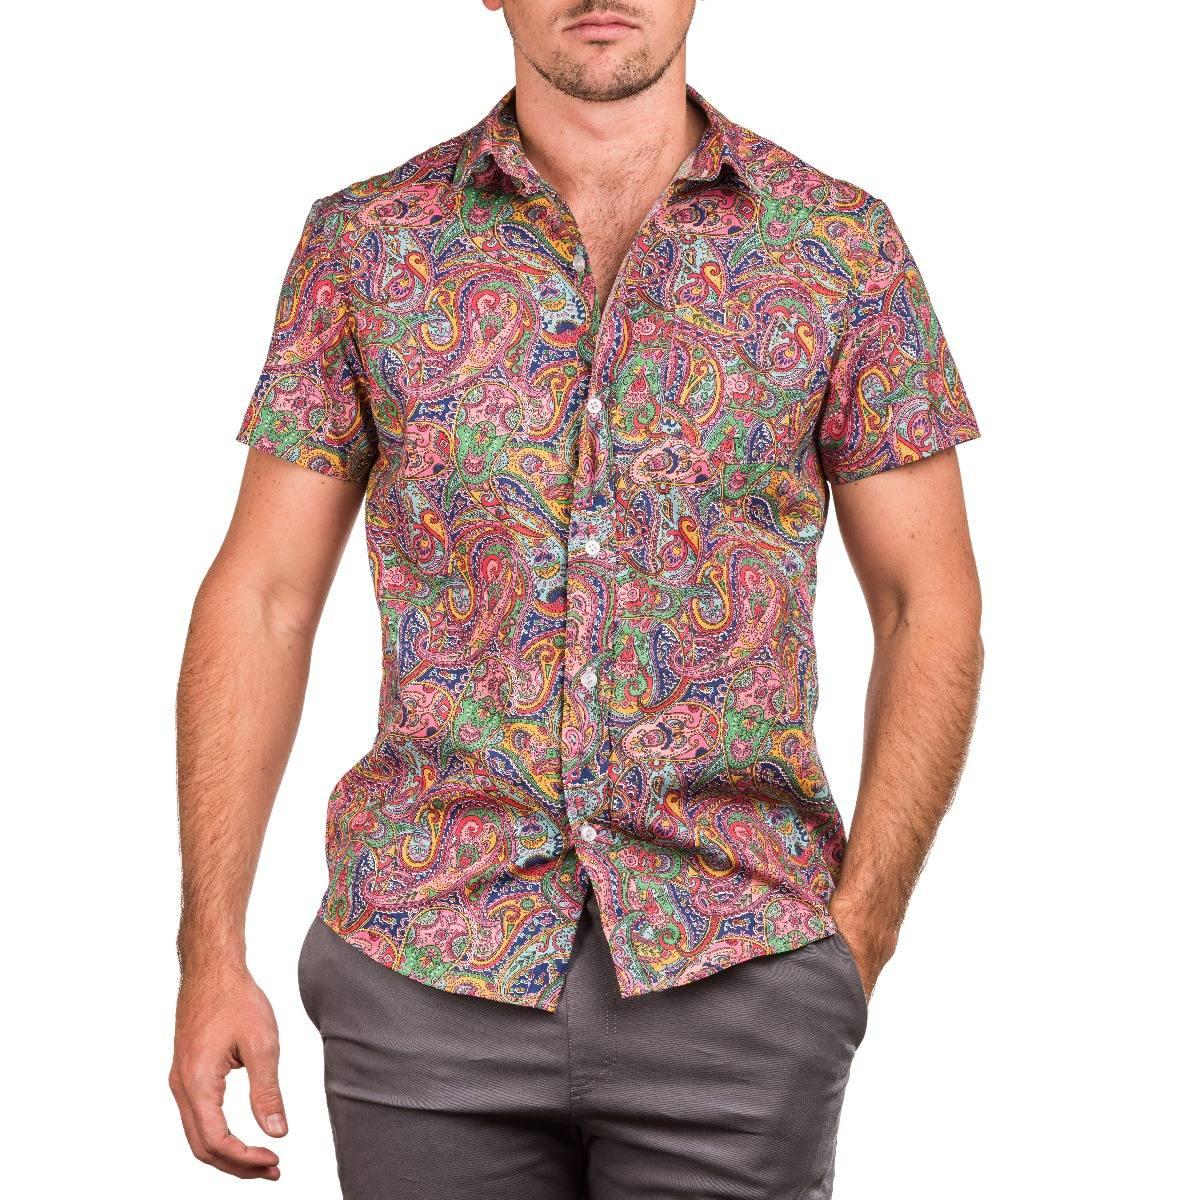 productos de calidad calidad y cantidad asegurada vende camisas manga corta hombre estampadas br6c20ed4 ...